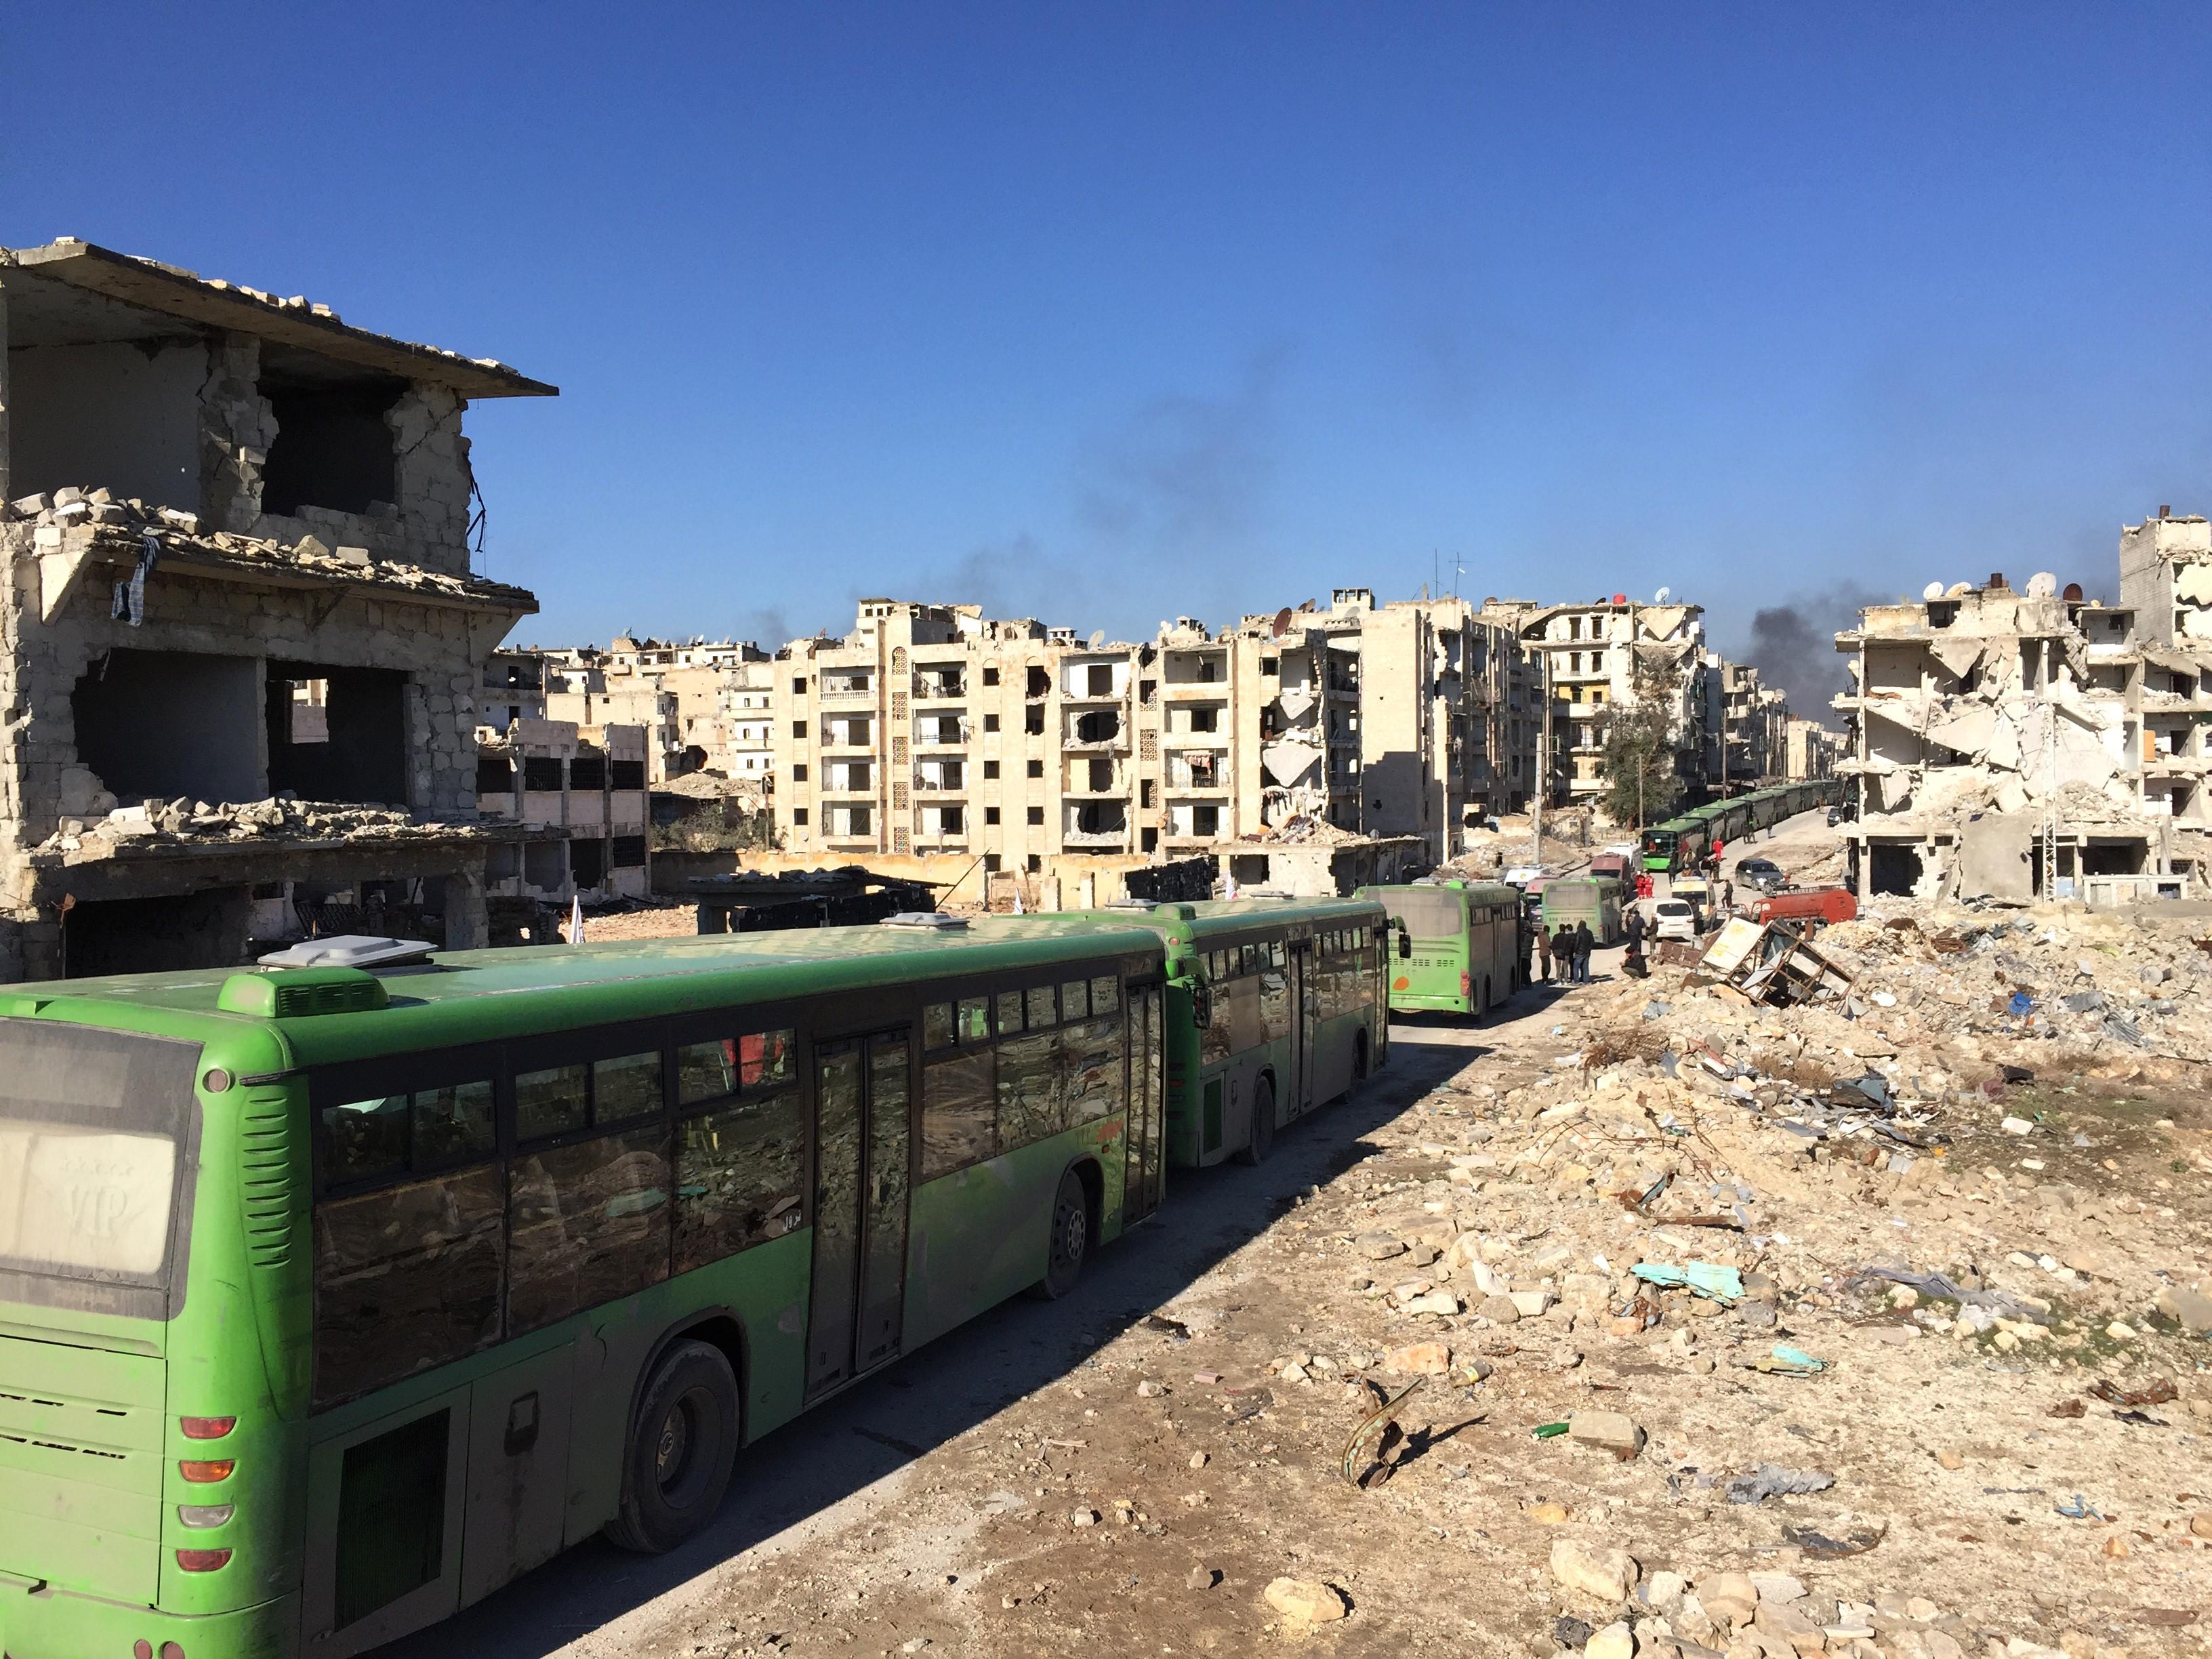 Leállították az emberek kimenekítését Aleppóból